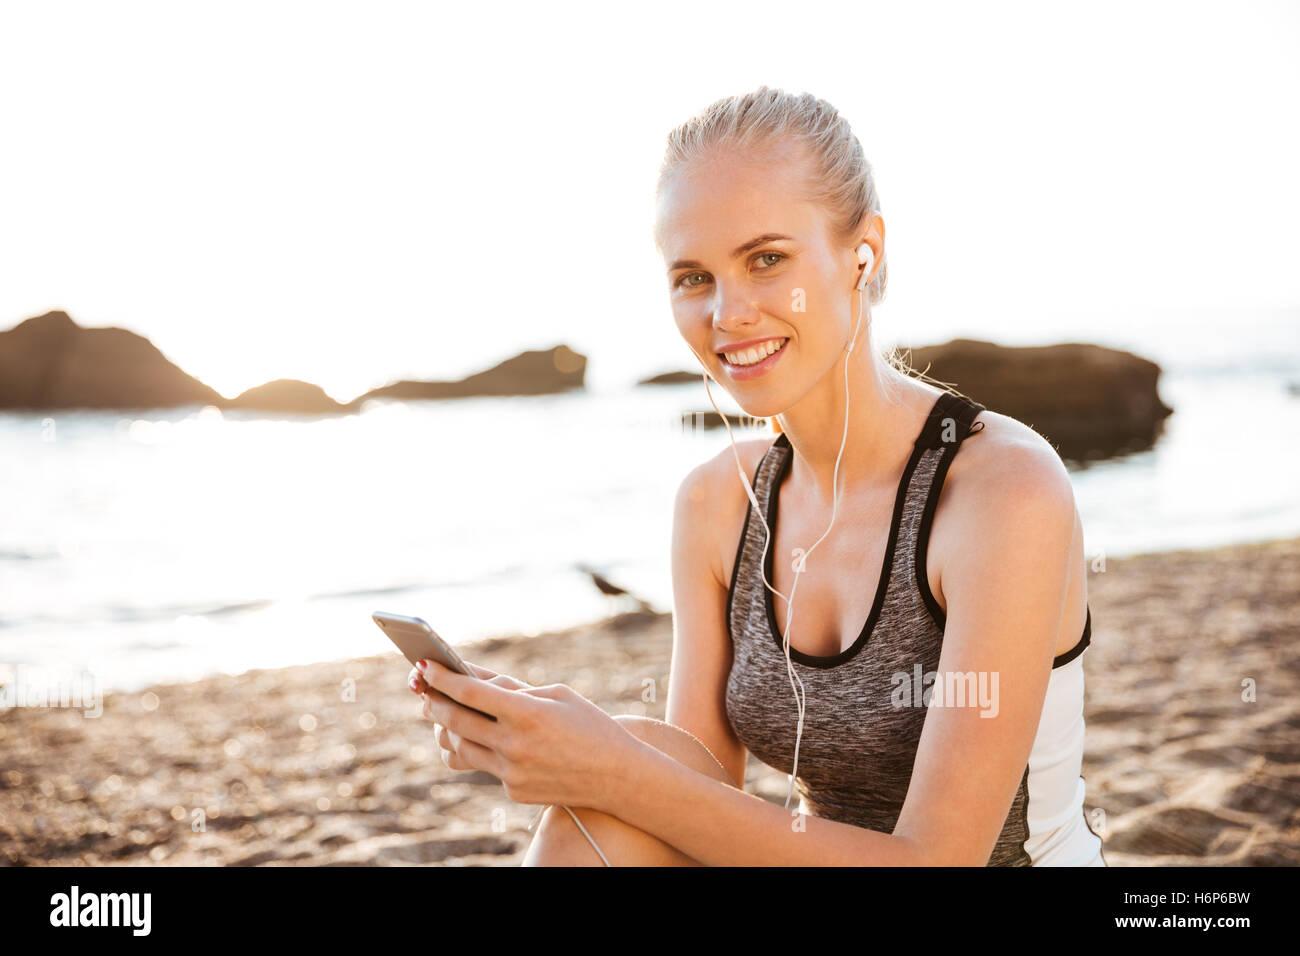 Close up ritratto di una bionda sorridente donna sportive con gli auricolari seduto sulla spiaggia Immagini Stock